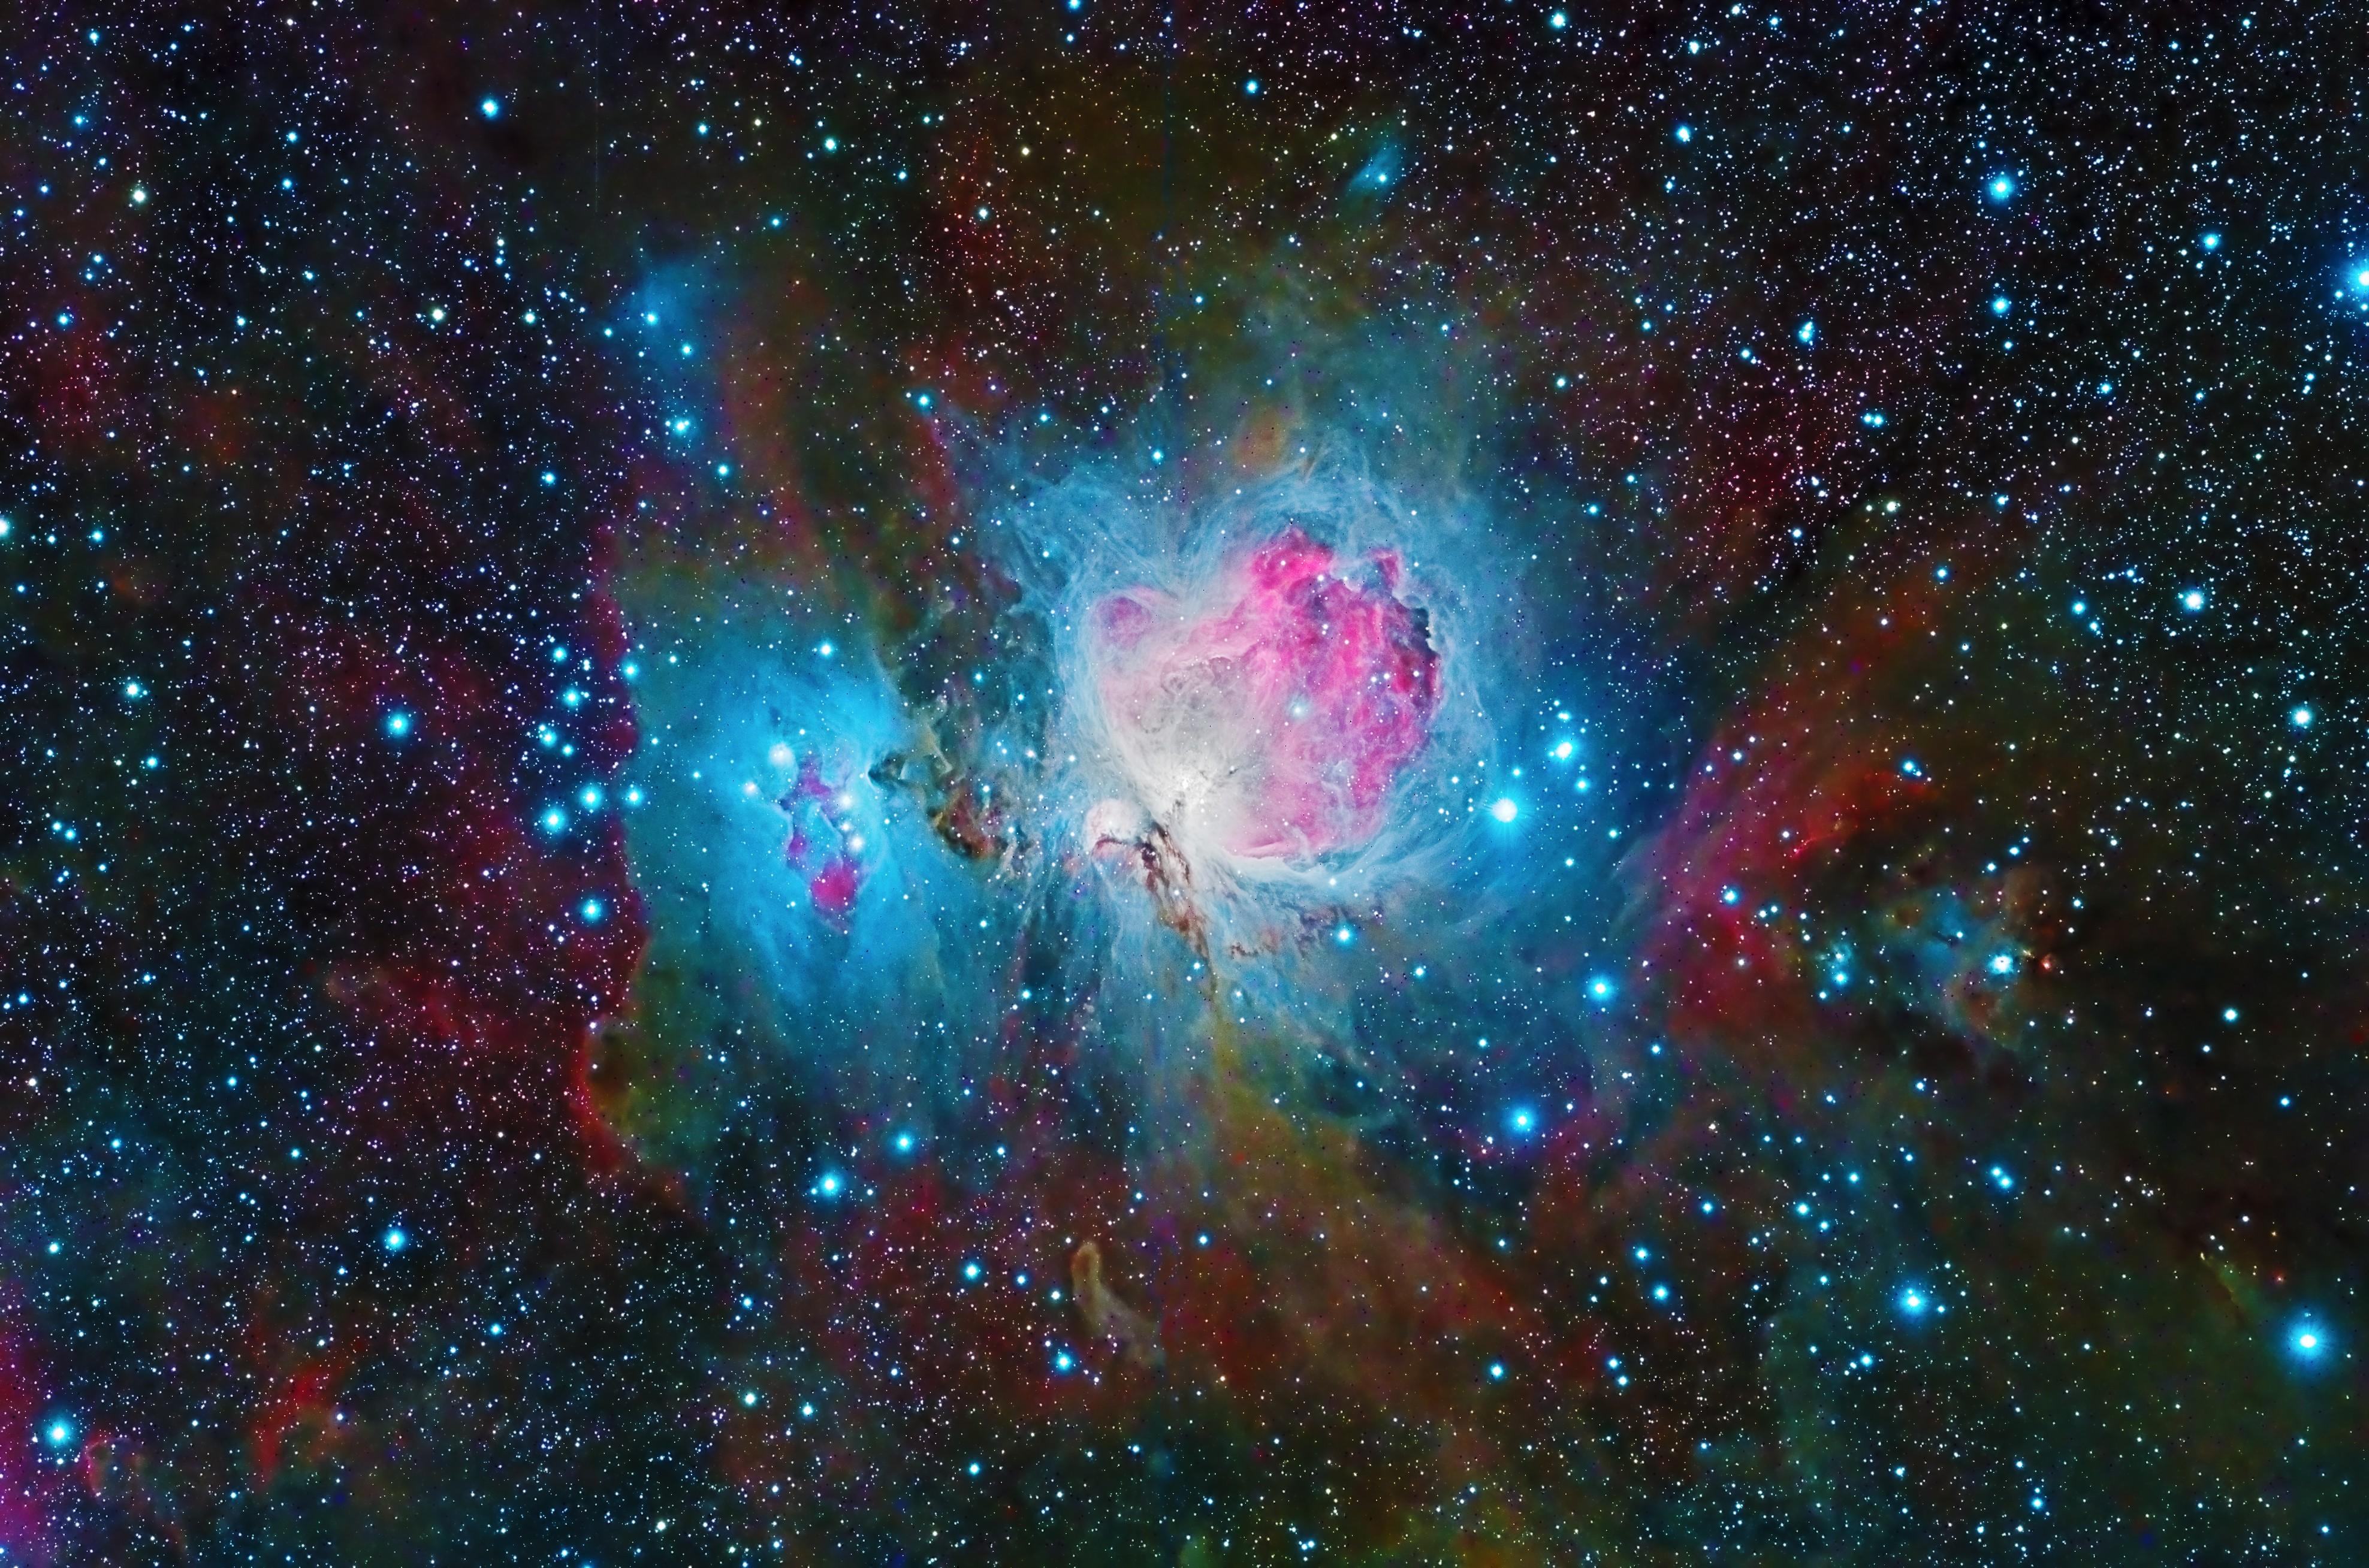 nebula space galaxy colorful 4k f7